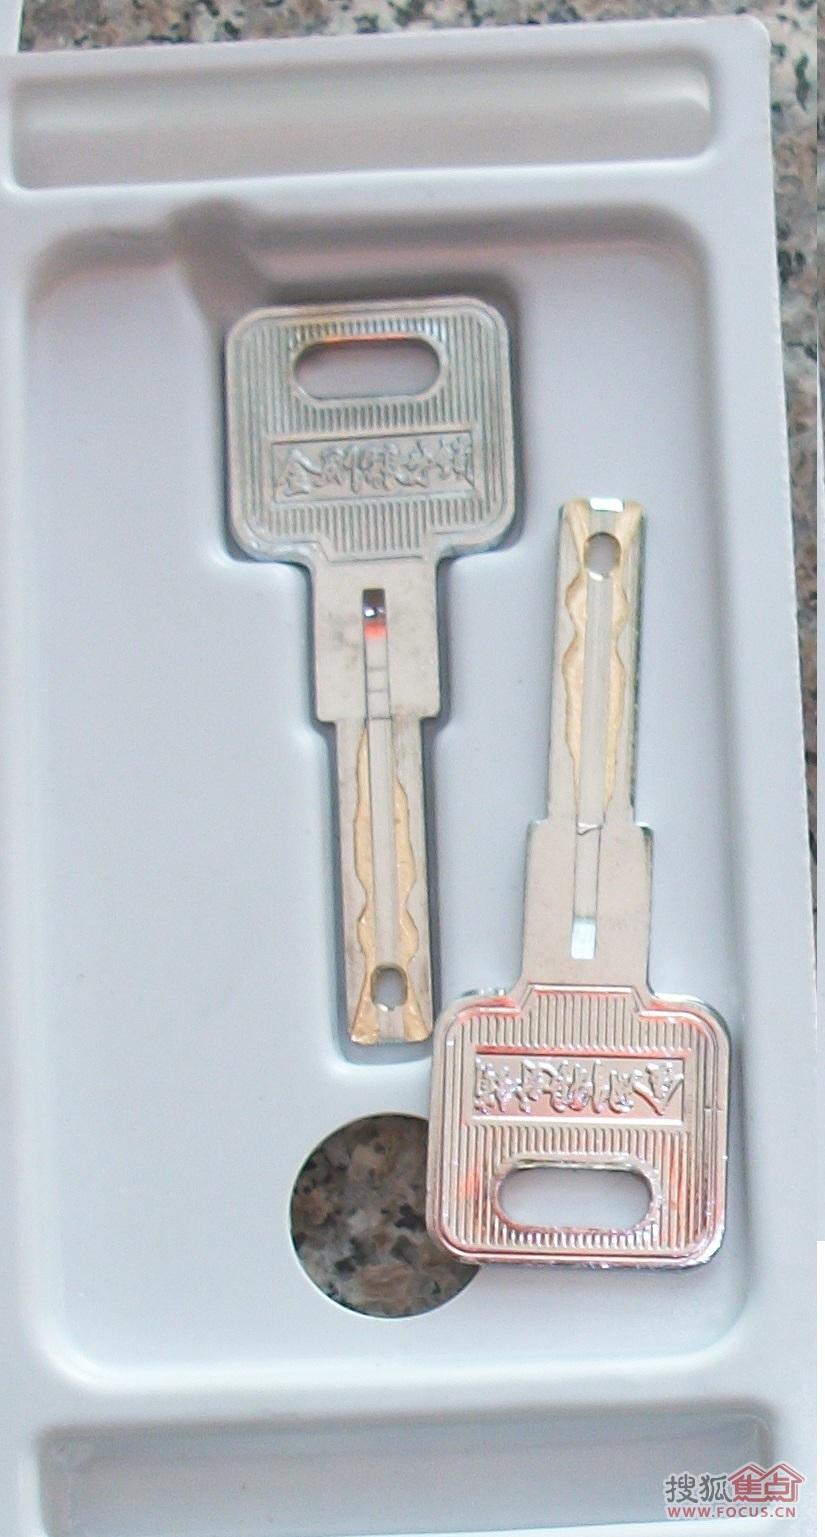 据说:还没有技术开锁记录,钥匙也无法复制